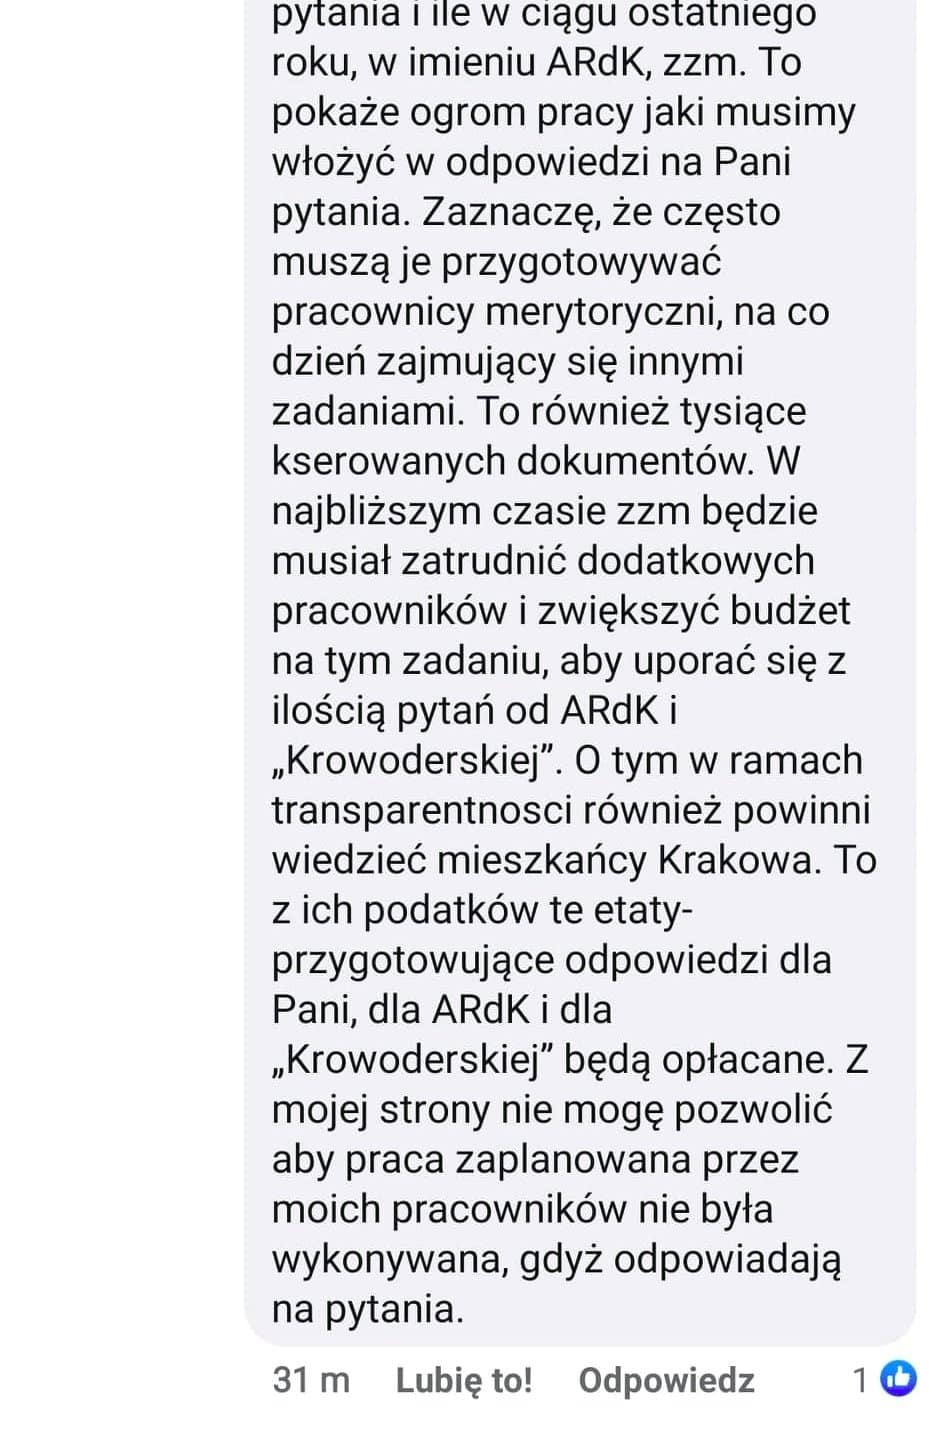 Krakowski urzędnik skarży się na zbyt dużą liczbę pytań od mieszkańców.